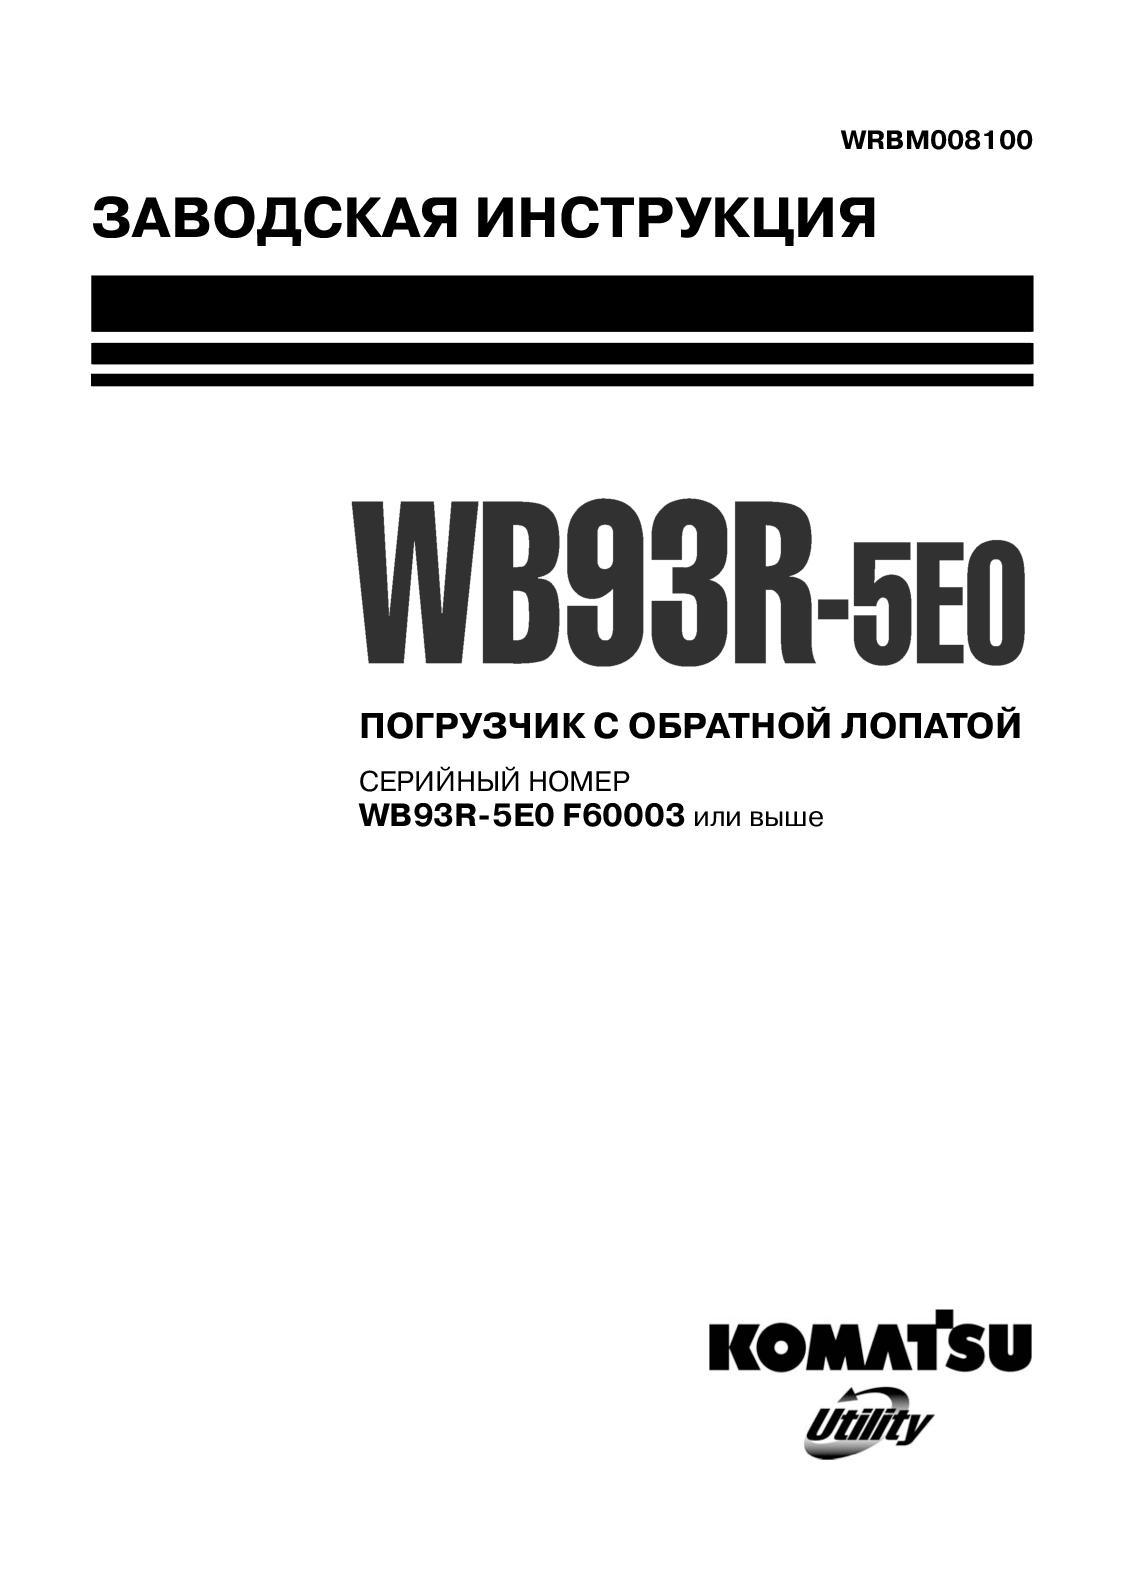 [Sm Rus] Wb93r 5 (Wrbm008100)